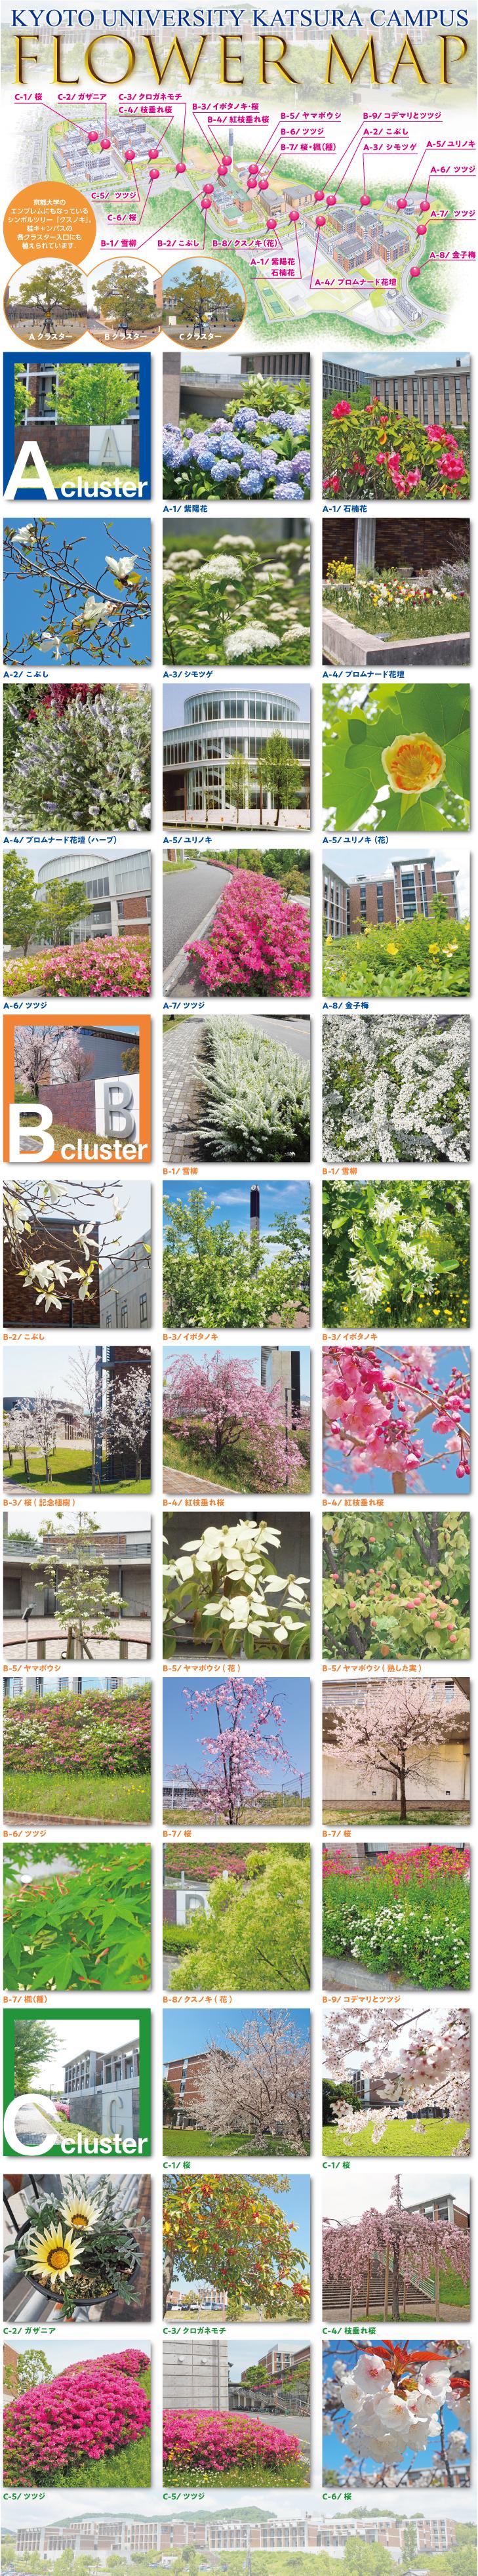 桂FlowerMap.jpg